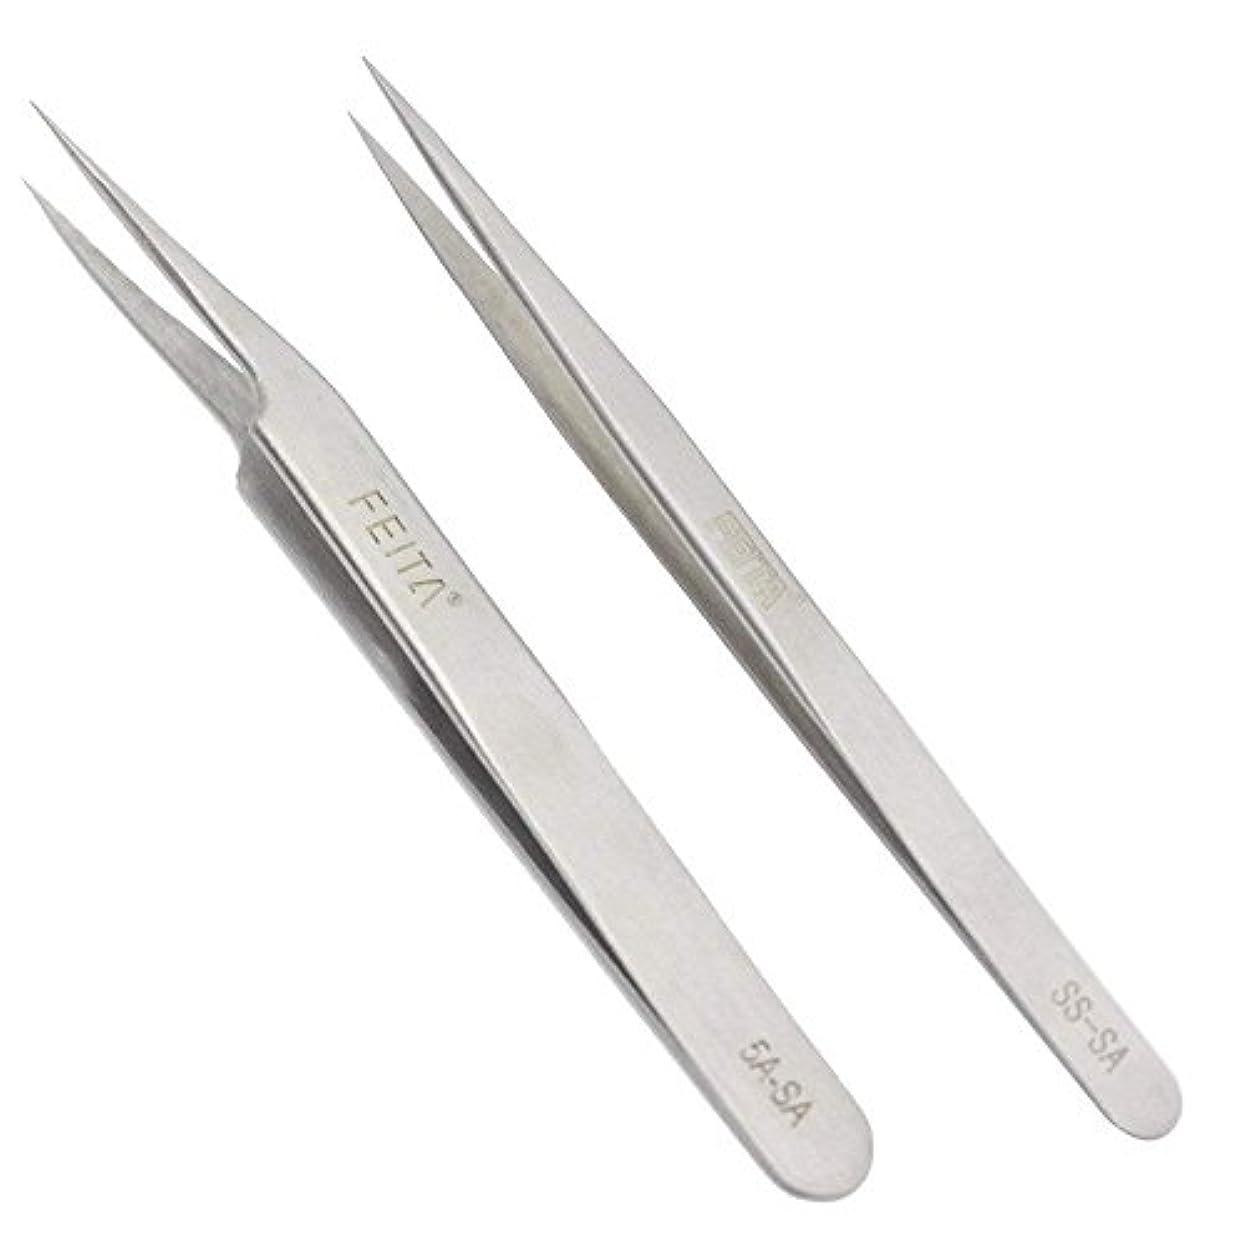 空気散髪すり減るFEITA 精密 ステンレス製 ピンセット ストレート スラント先端 プロ仕様 高级な ピンセットセット まつげエクステ クラフト ジュエリー製作 眉毛抜き用